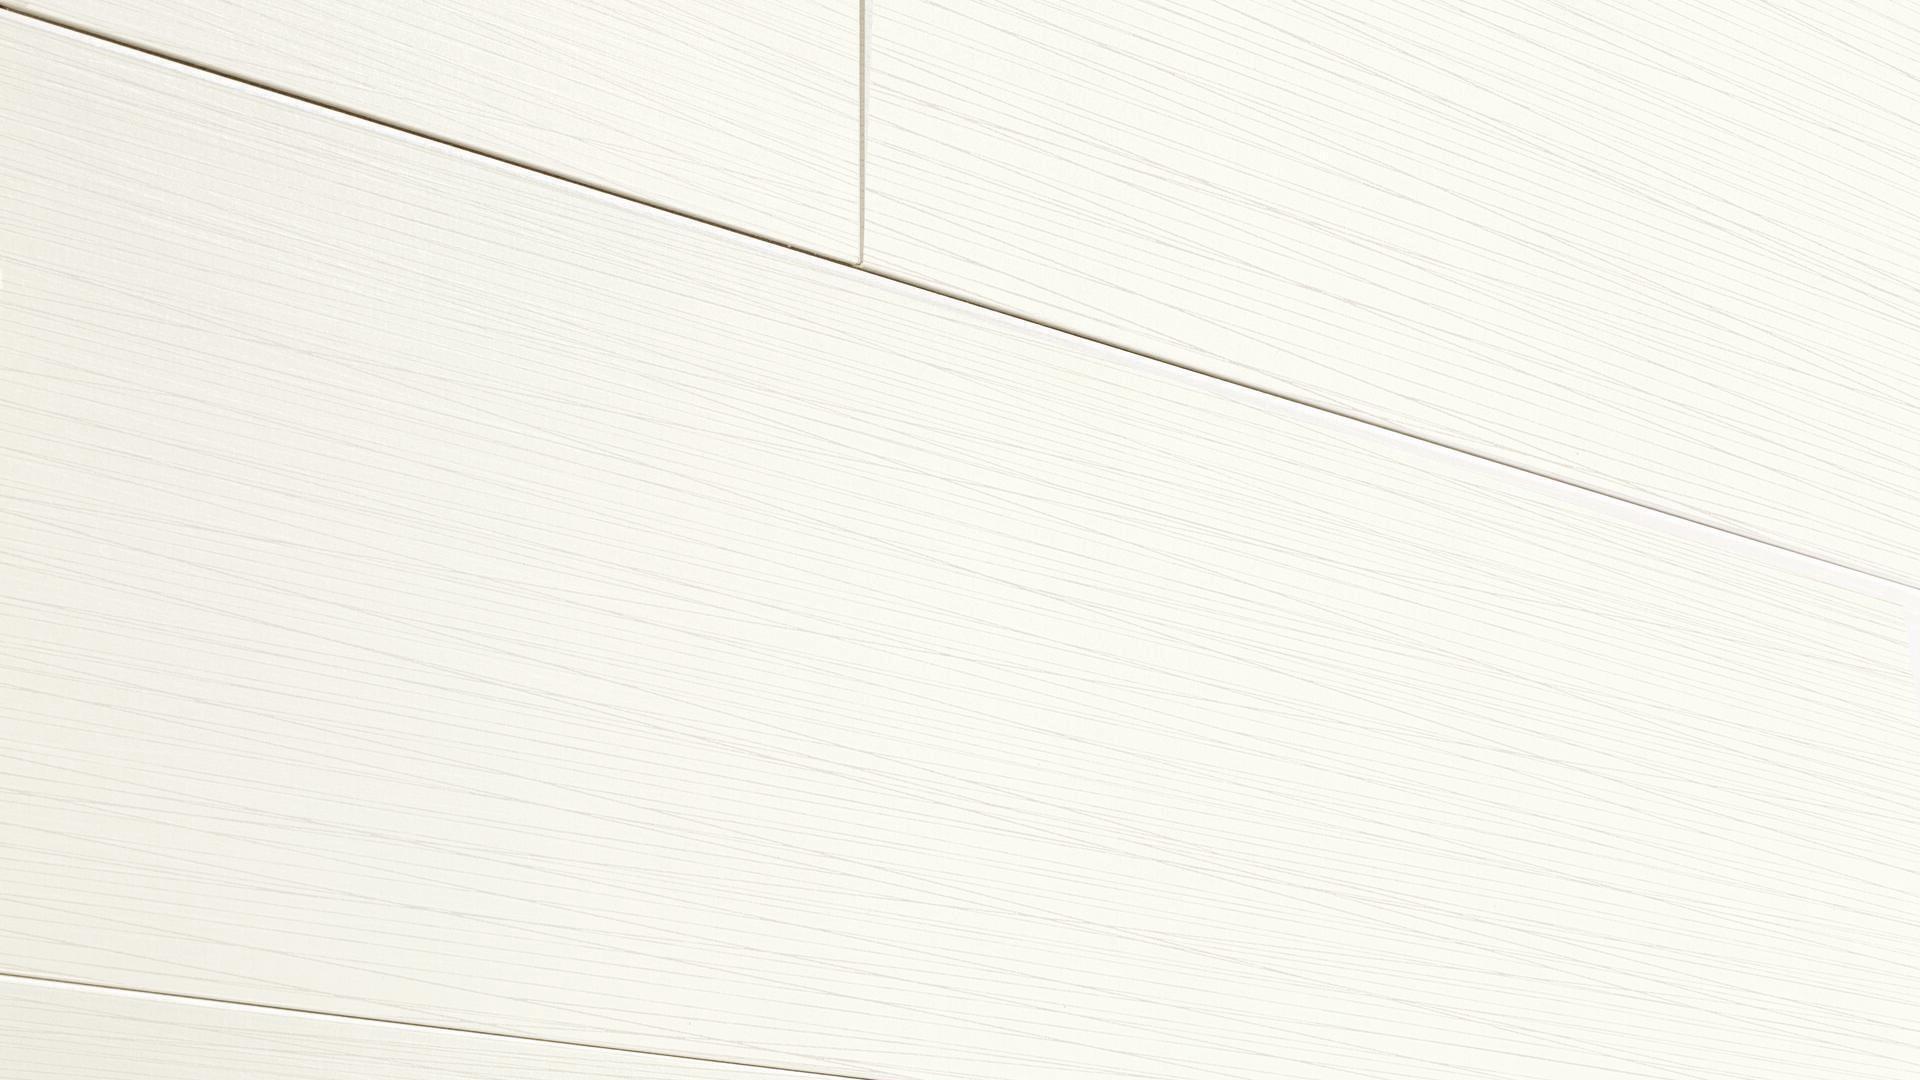 Dekorpaneele MeisterPaneele. bocado DP 300 Streifer silber 4021